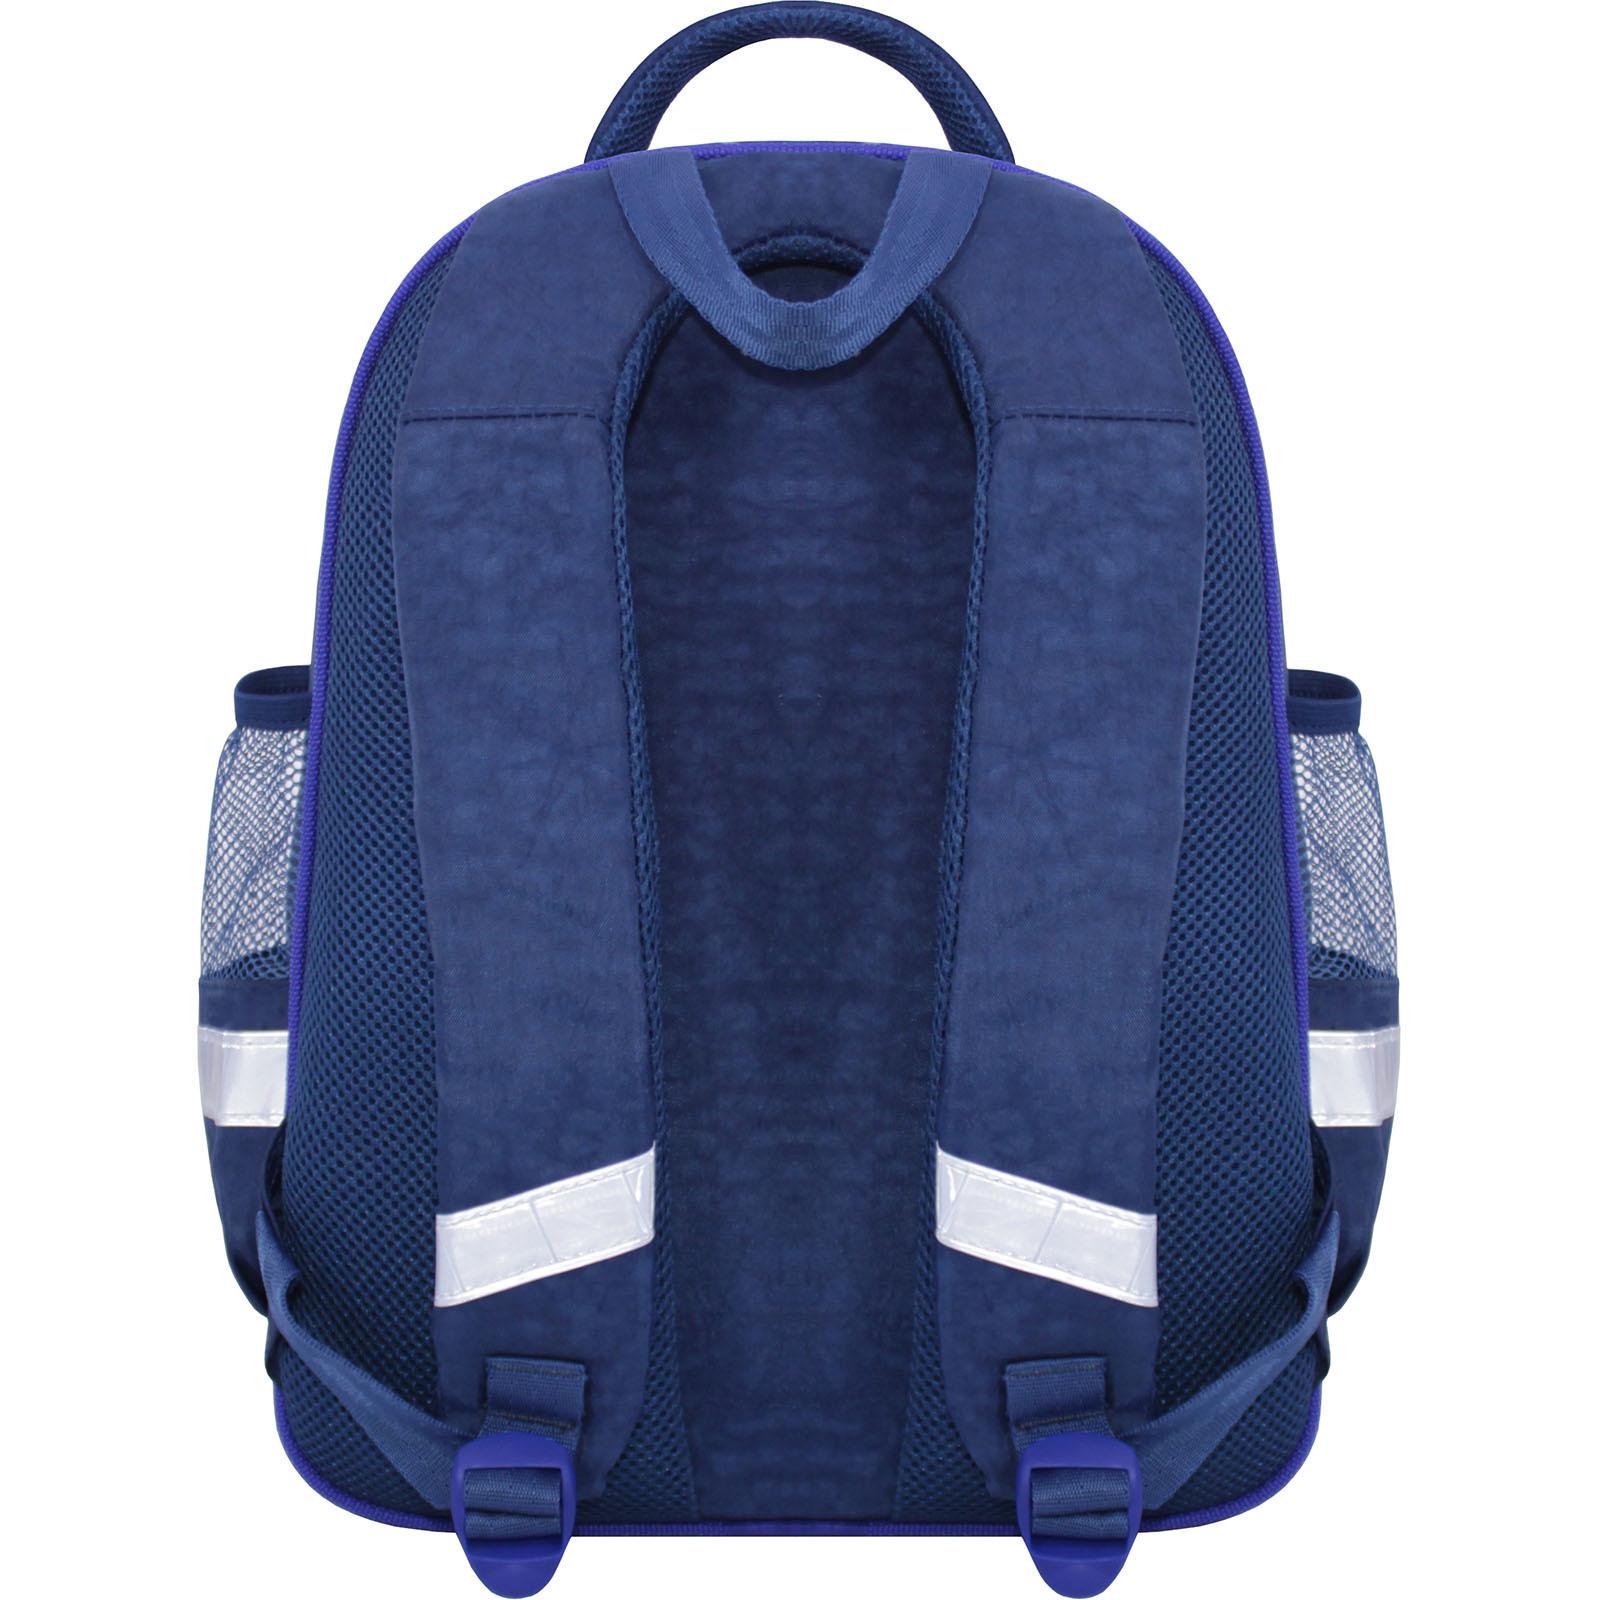 Рюкзак школьный Bagland Mouse 225 синий 534 (0051370) фото 3